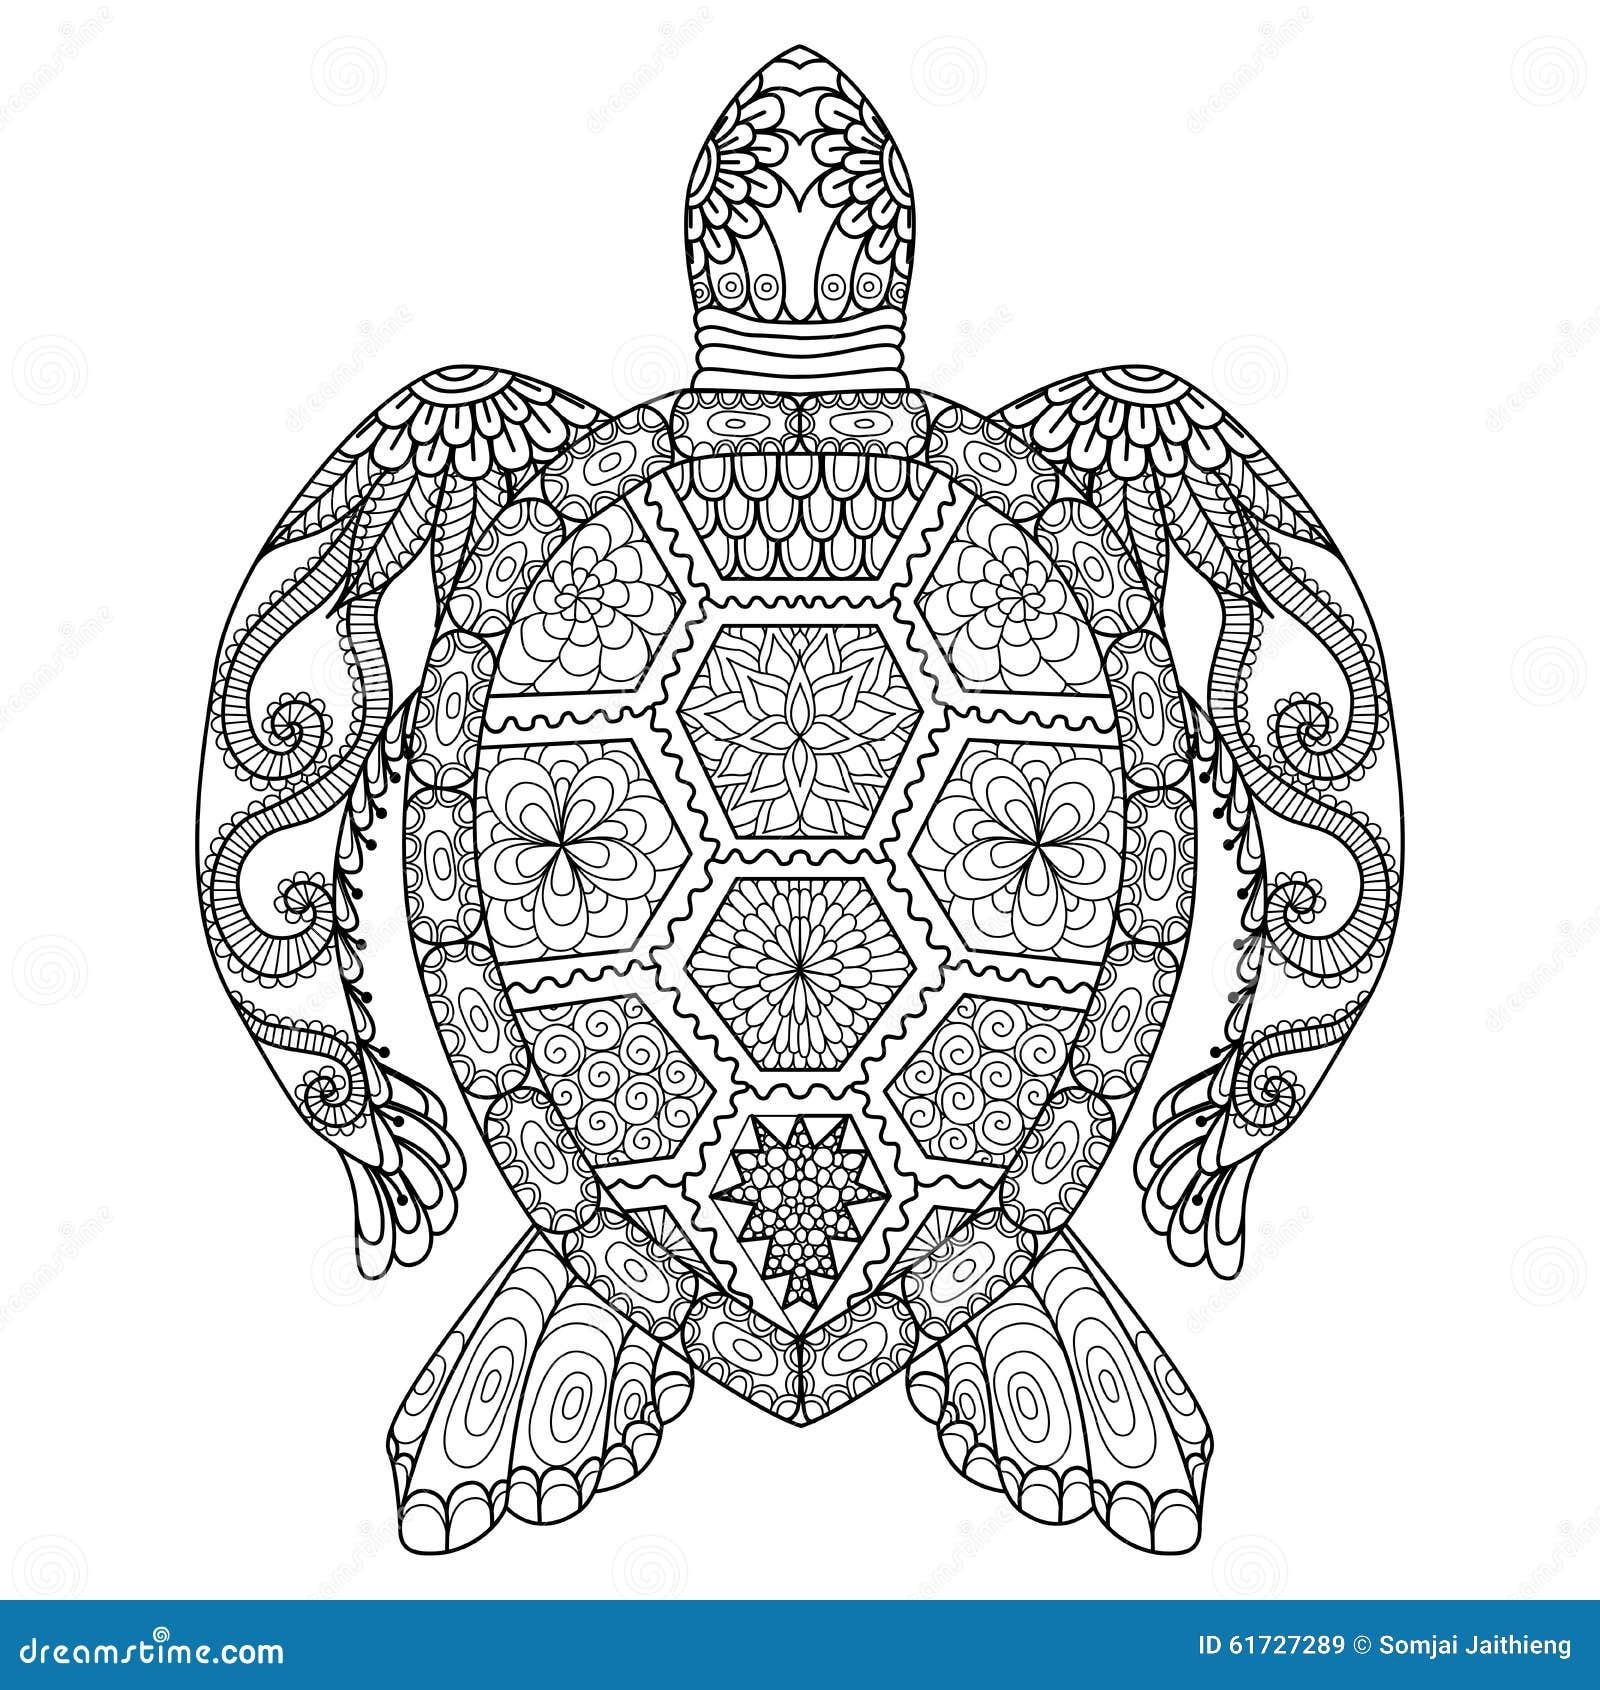 Volwassen Kleurplaten Schildpad Trekkend Zentangle Schildpad Voor Het Kleuren Van Pagina